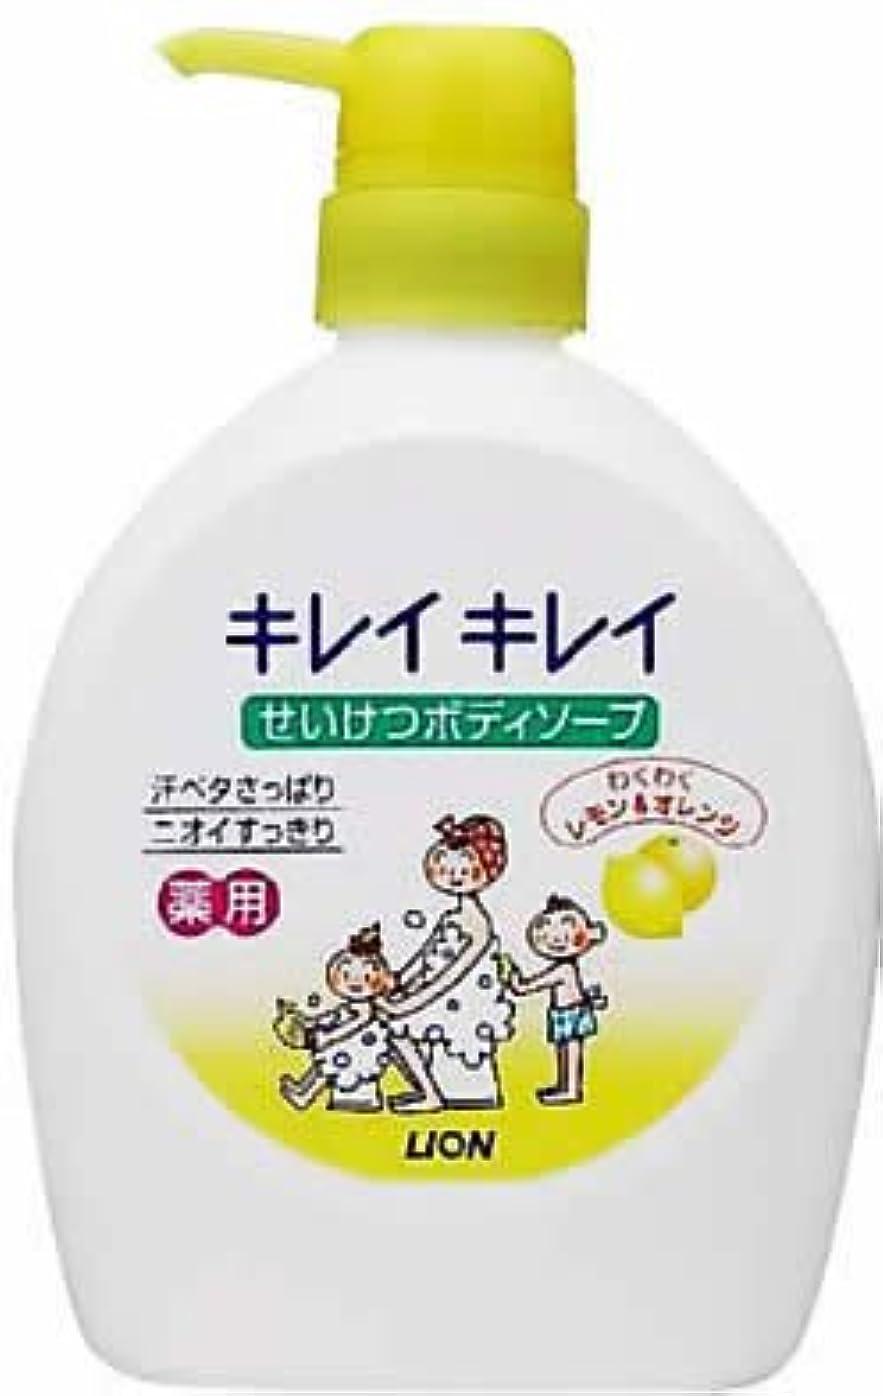 エアコンまともな検査キレイキレイ せいけつボディソープ わくわくレモン&オレンジの香り 本体ポンプ 580ml